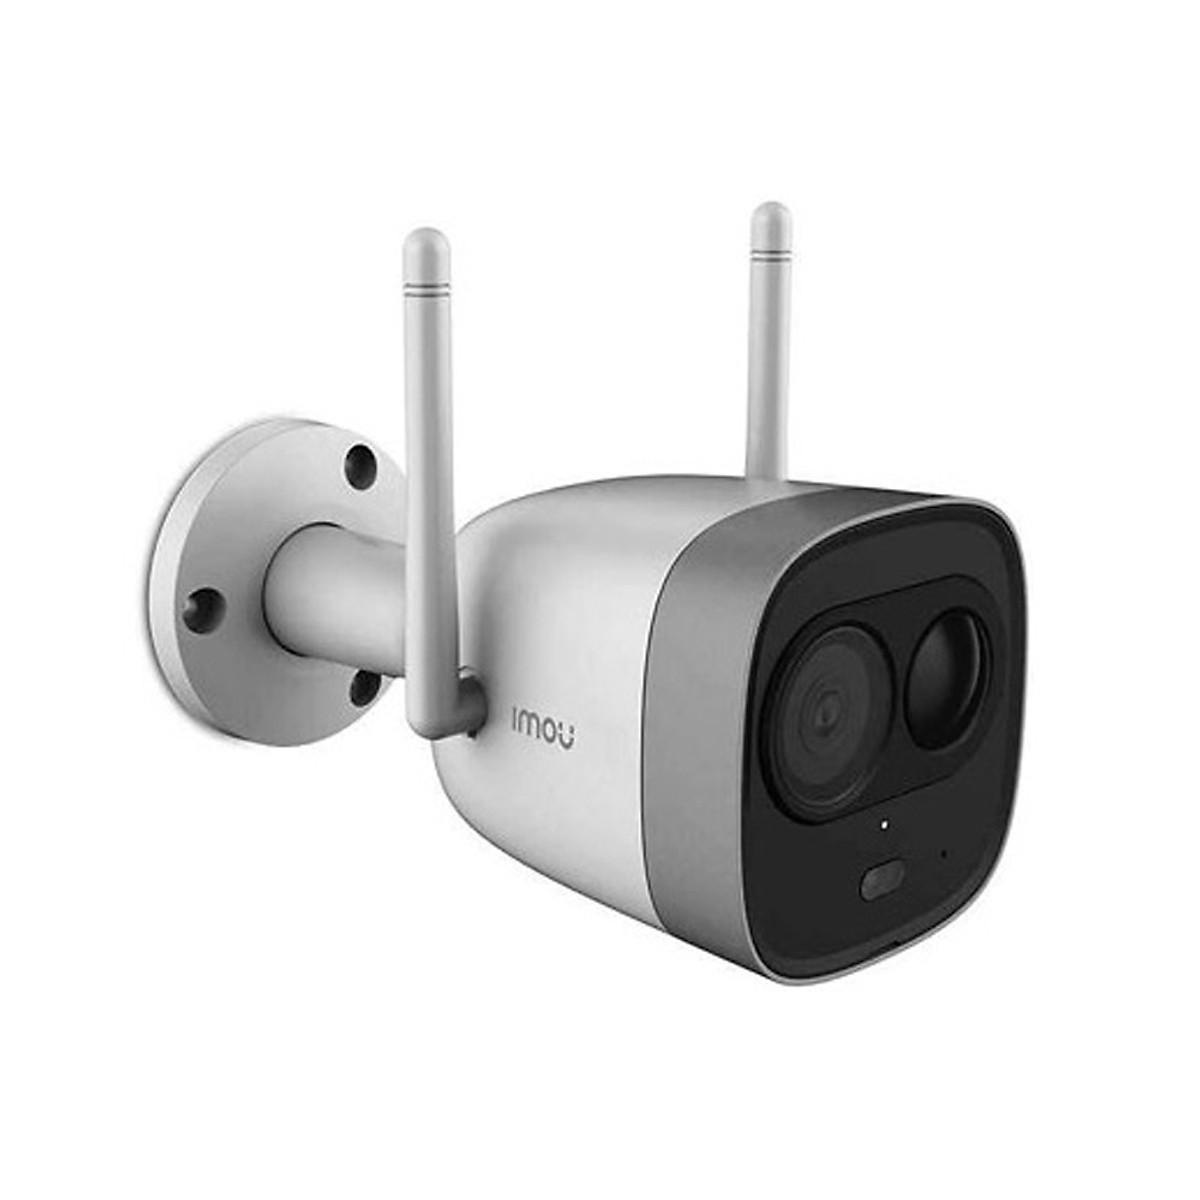 Camera IP Wifi Dahua IPC-G26EP-IMOU – Hàng Chính Hãng